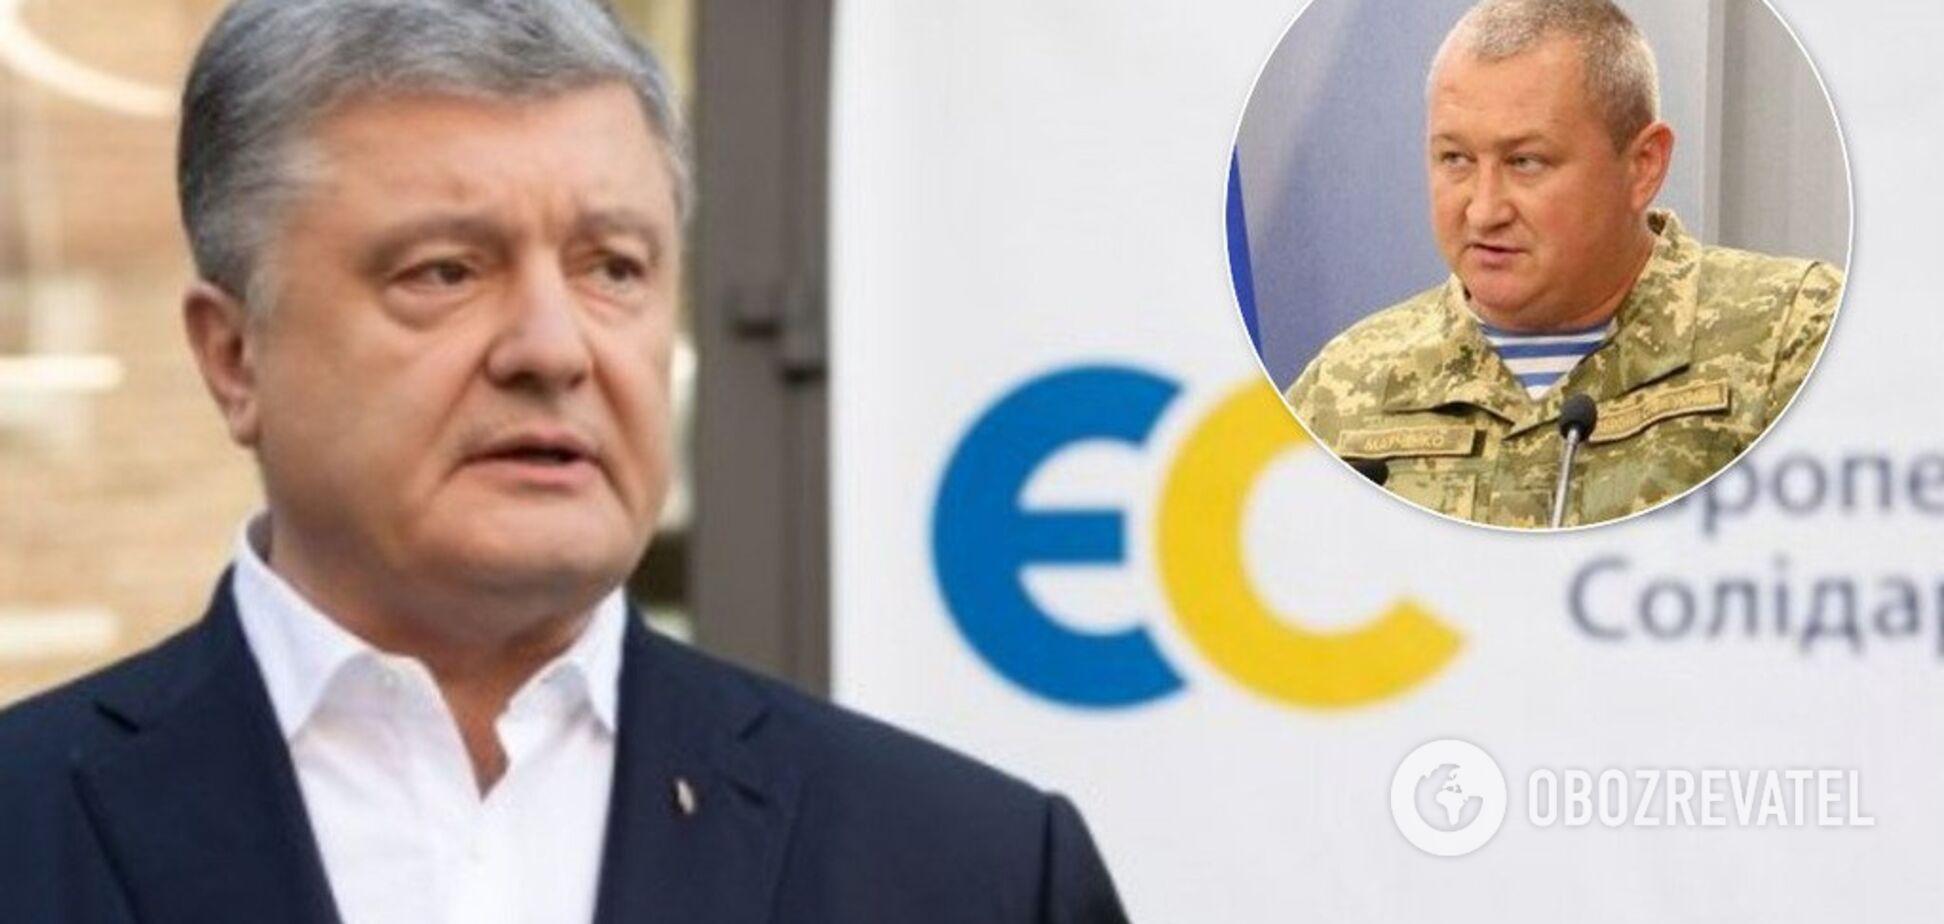 'Играет на руку врагу!' 'ЕС' сделала важное заявление по делу 'бракованных бронежилетов'